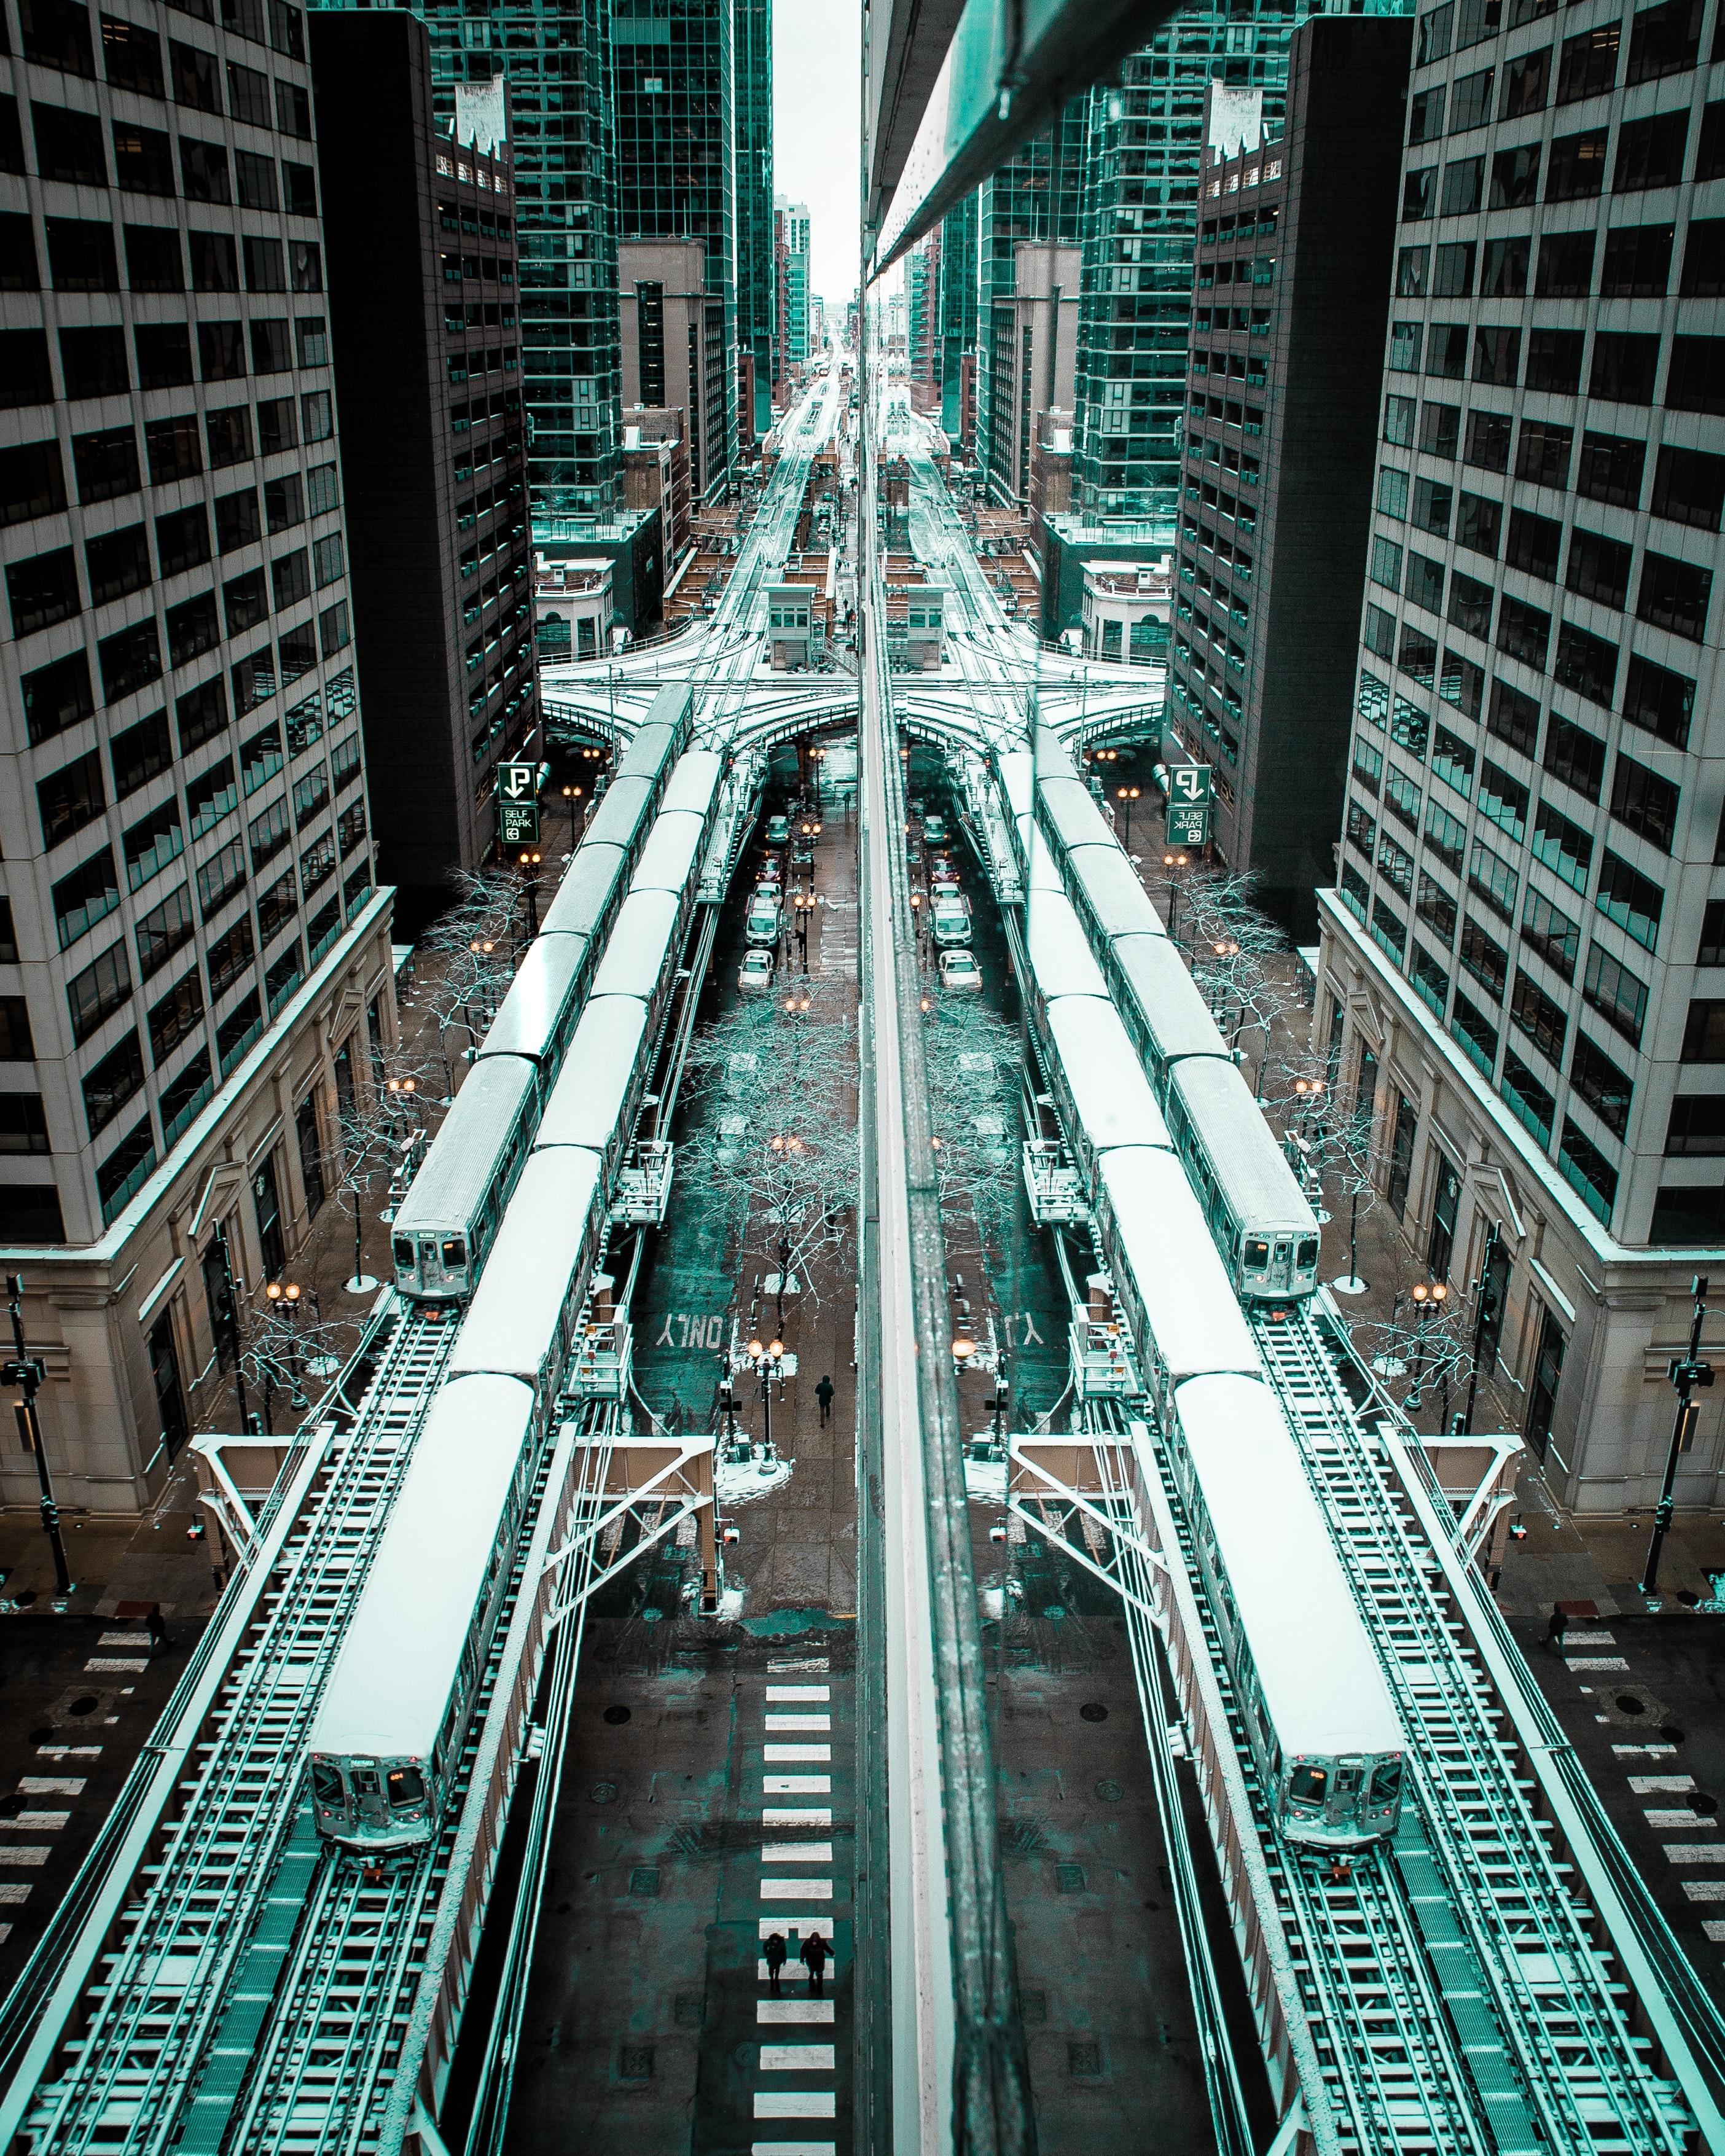 152605 скачать обои Железная Дорога, Поезда, Город, Здания, Чикаго, Города - заставки и картинки бесплатно